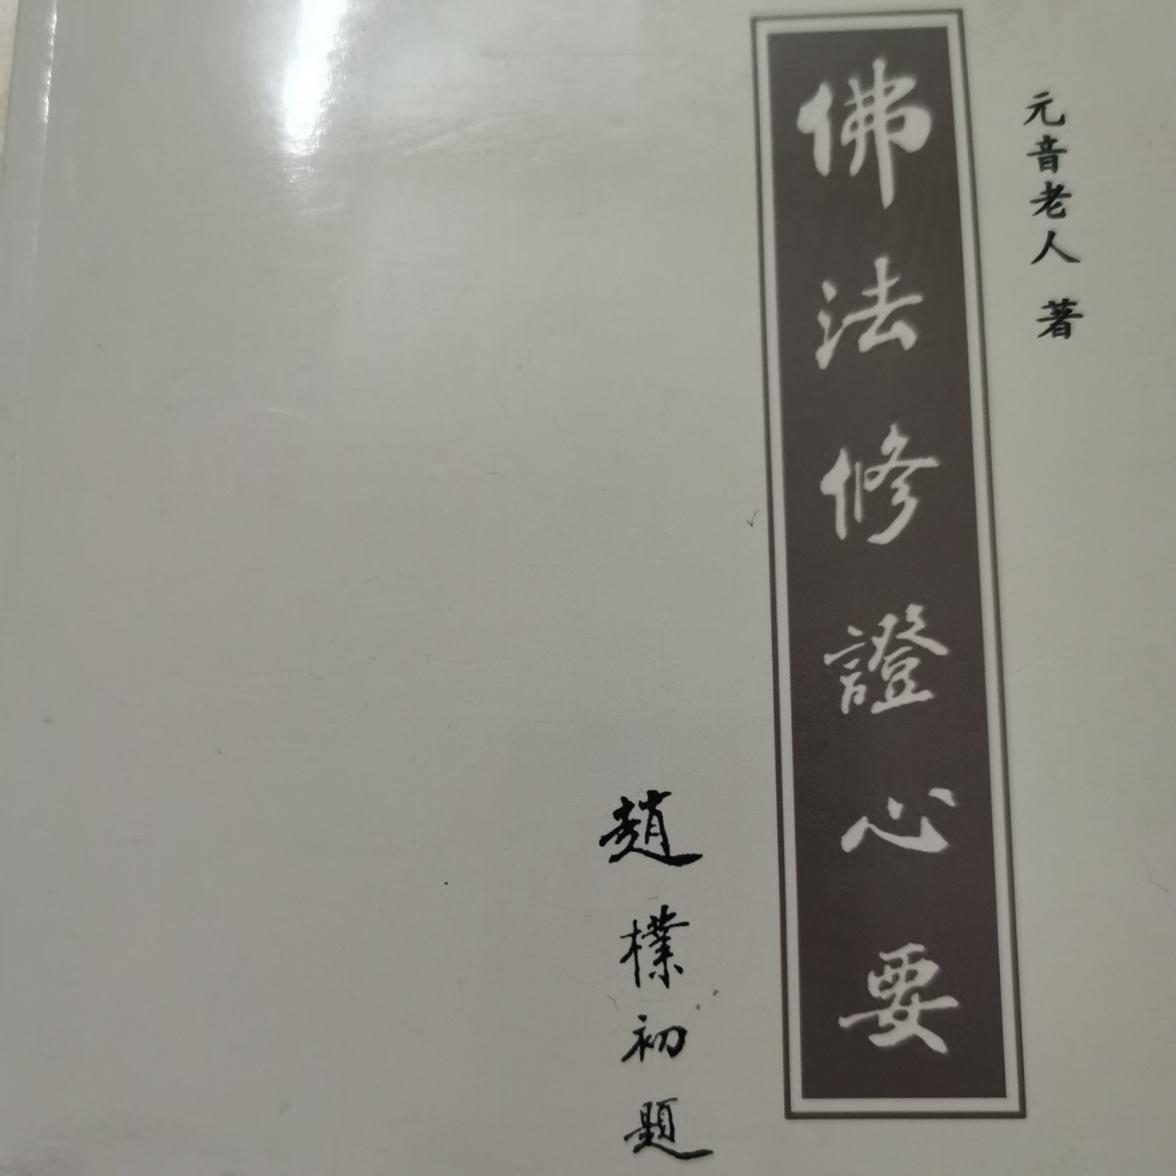 《心经抉隐(节选)》粤语复述